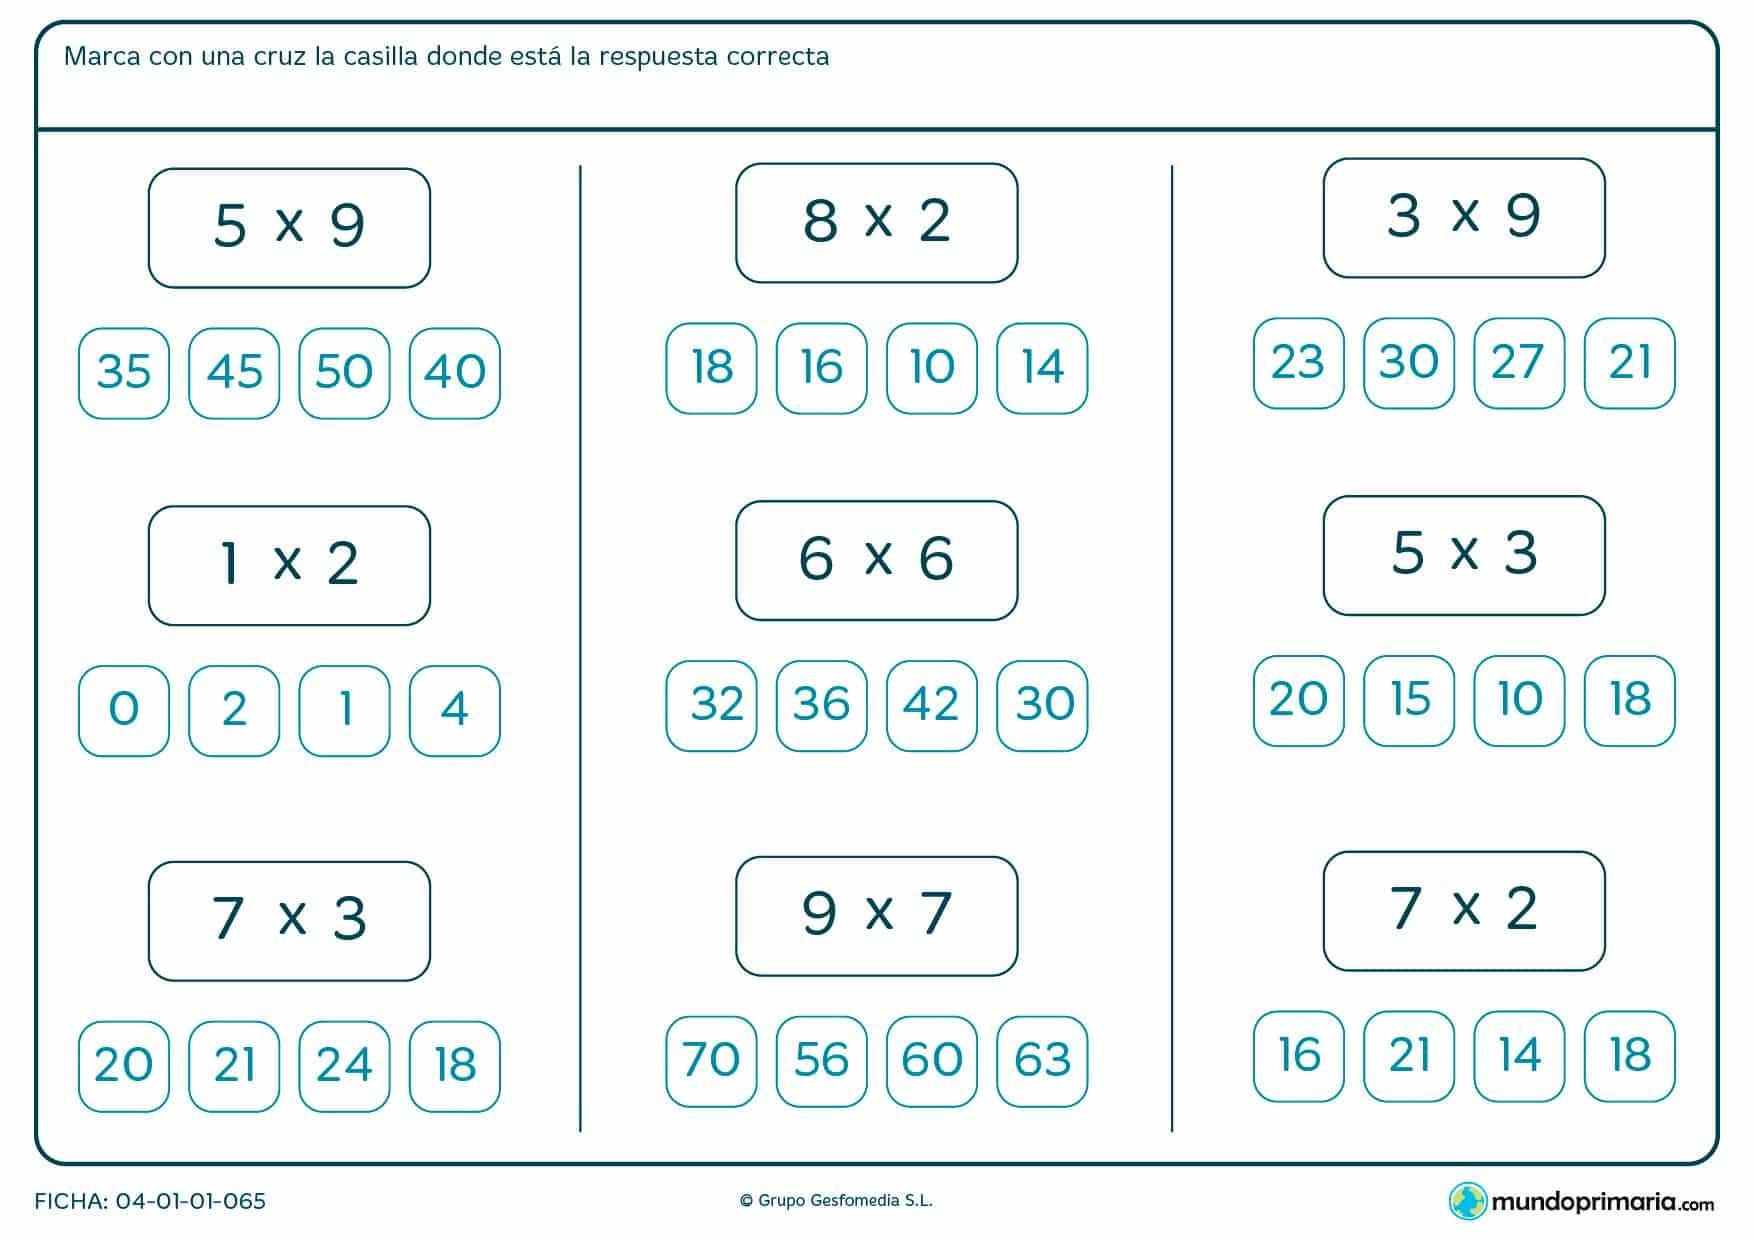 Ficha de rodear el resultado de las multiplicaciones para Primaria por la que los niños tendrán que marcar con una cruz el resultado correcto de las multiplicaciones que aparecen.